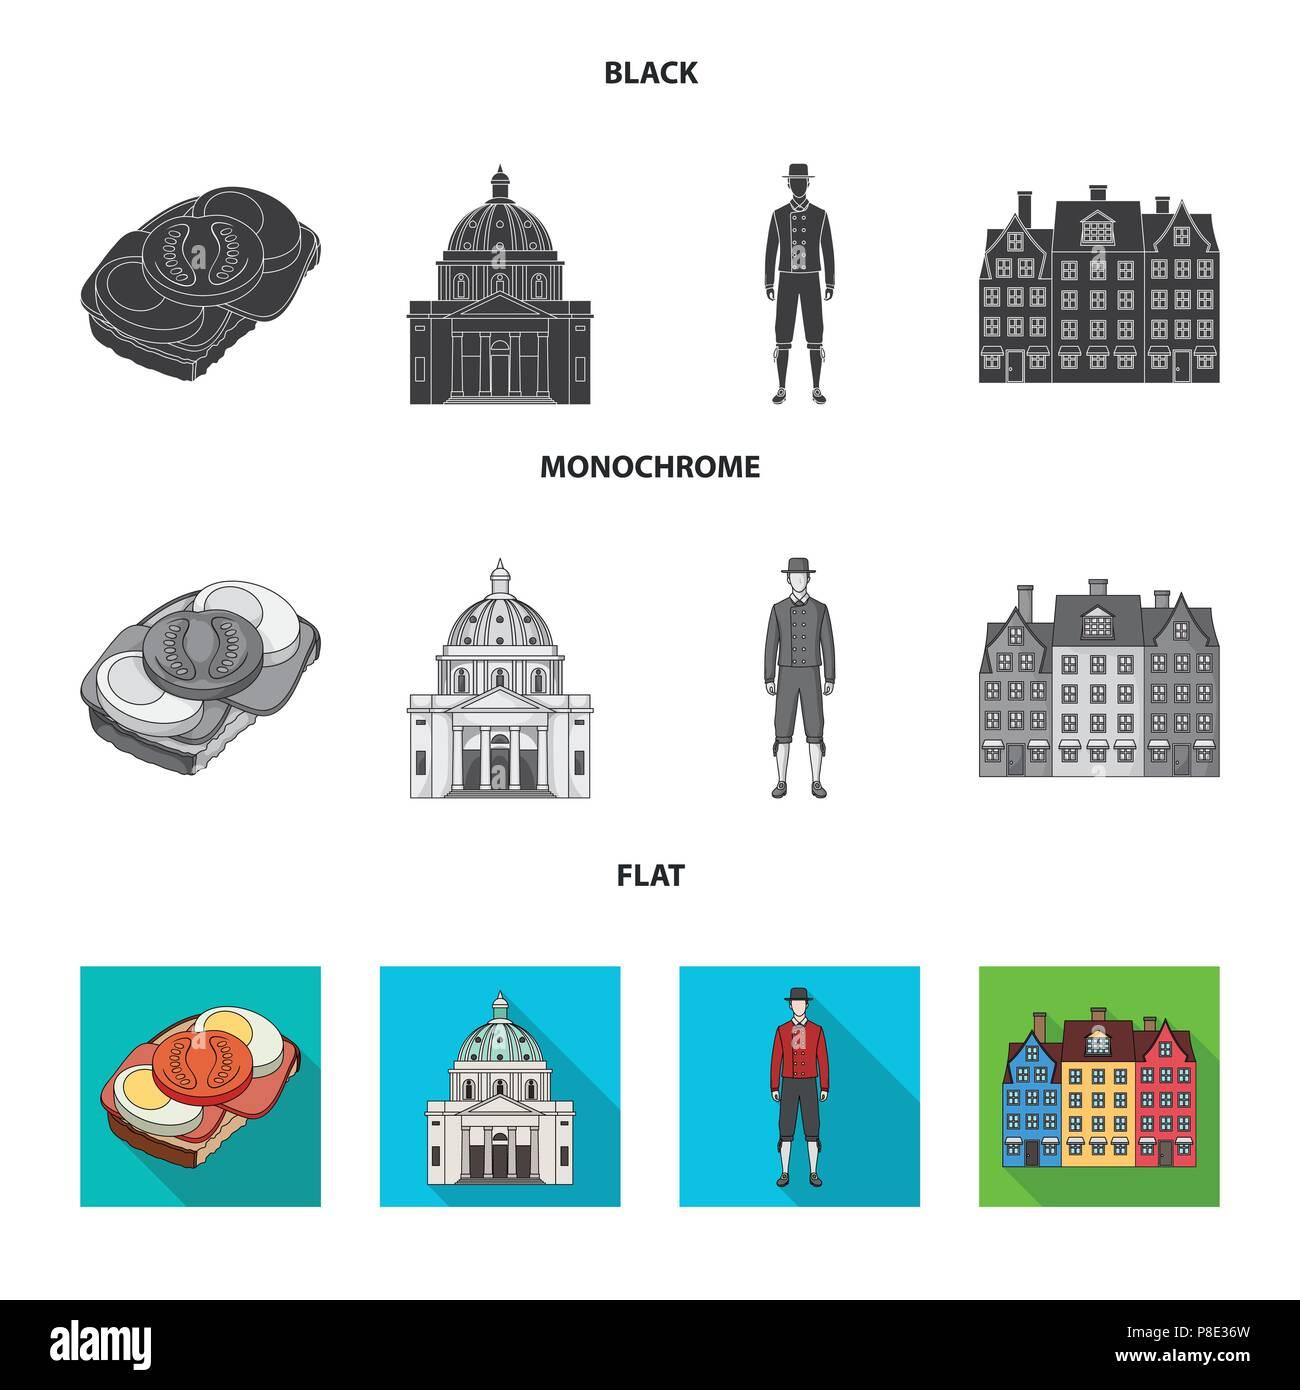 Dinamarca, historia, restaurante y otro icono en color negro, plana, estilo monocromo.Sandwich, alimentos pan iconos en conjunto Ilustración del Vector